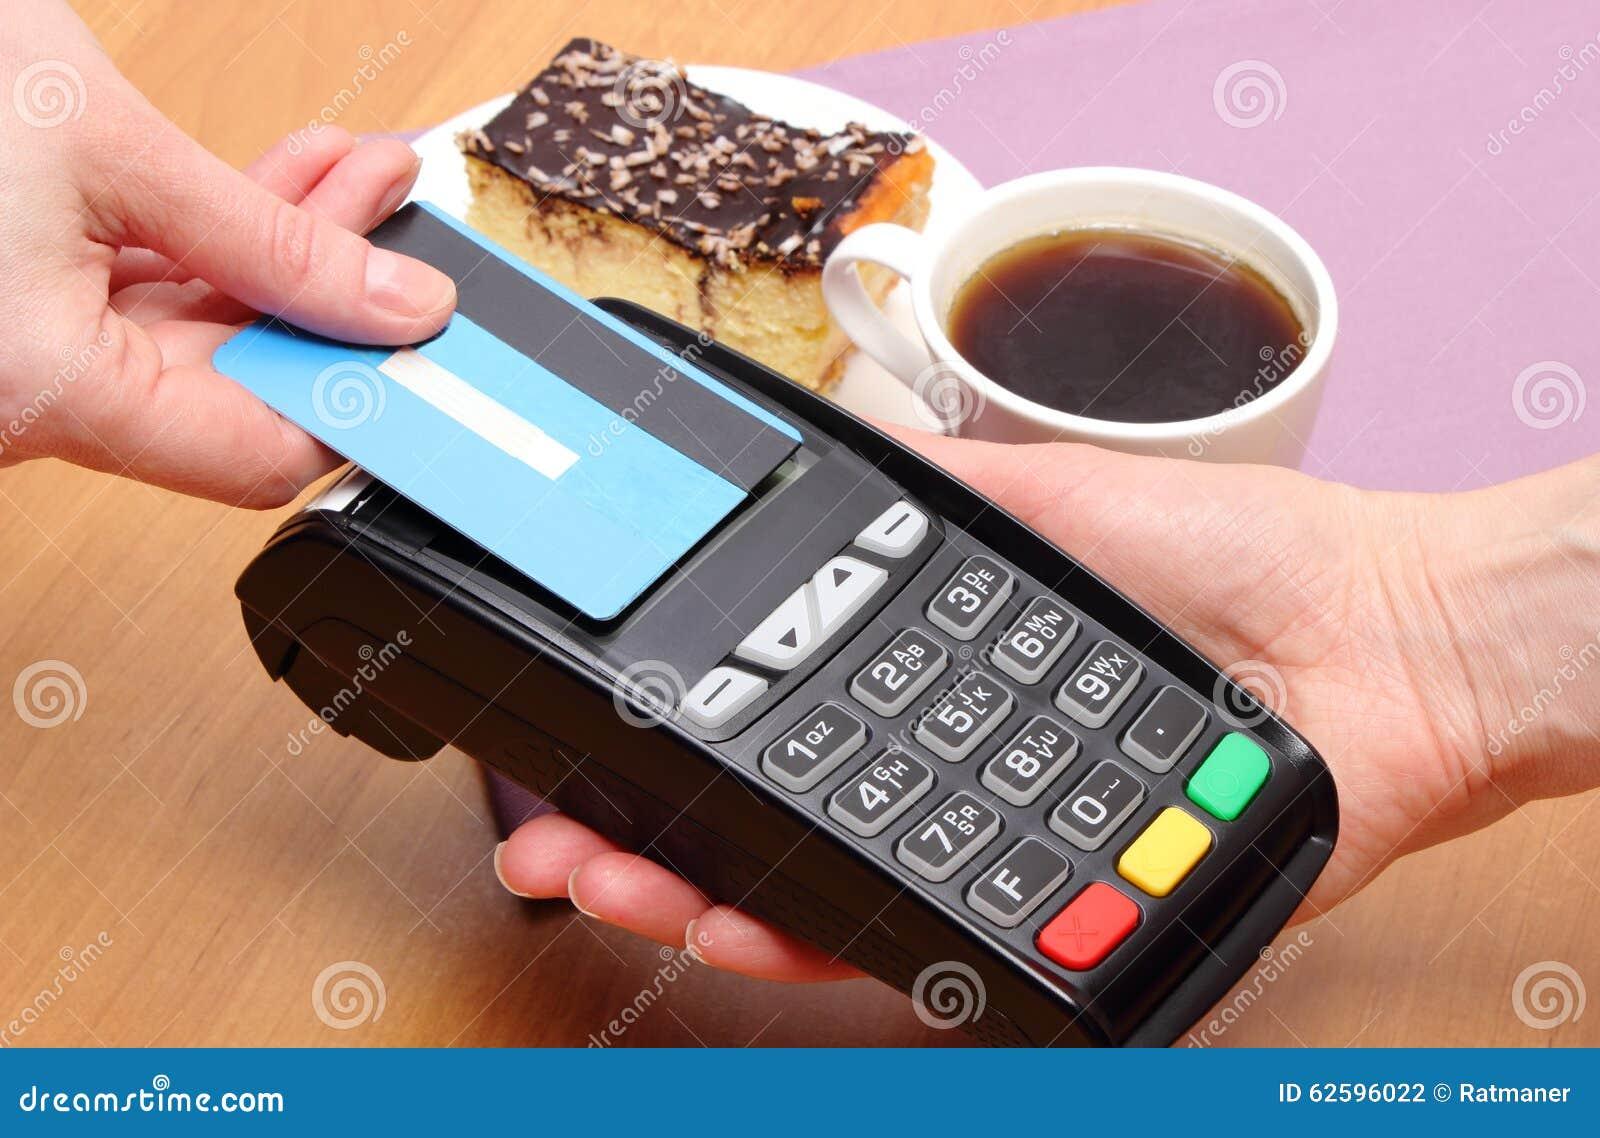 Pagando con la tarjeta de crédito sin contacto el pastel de queso y el café en café, concepto de las finanzas